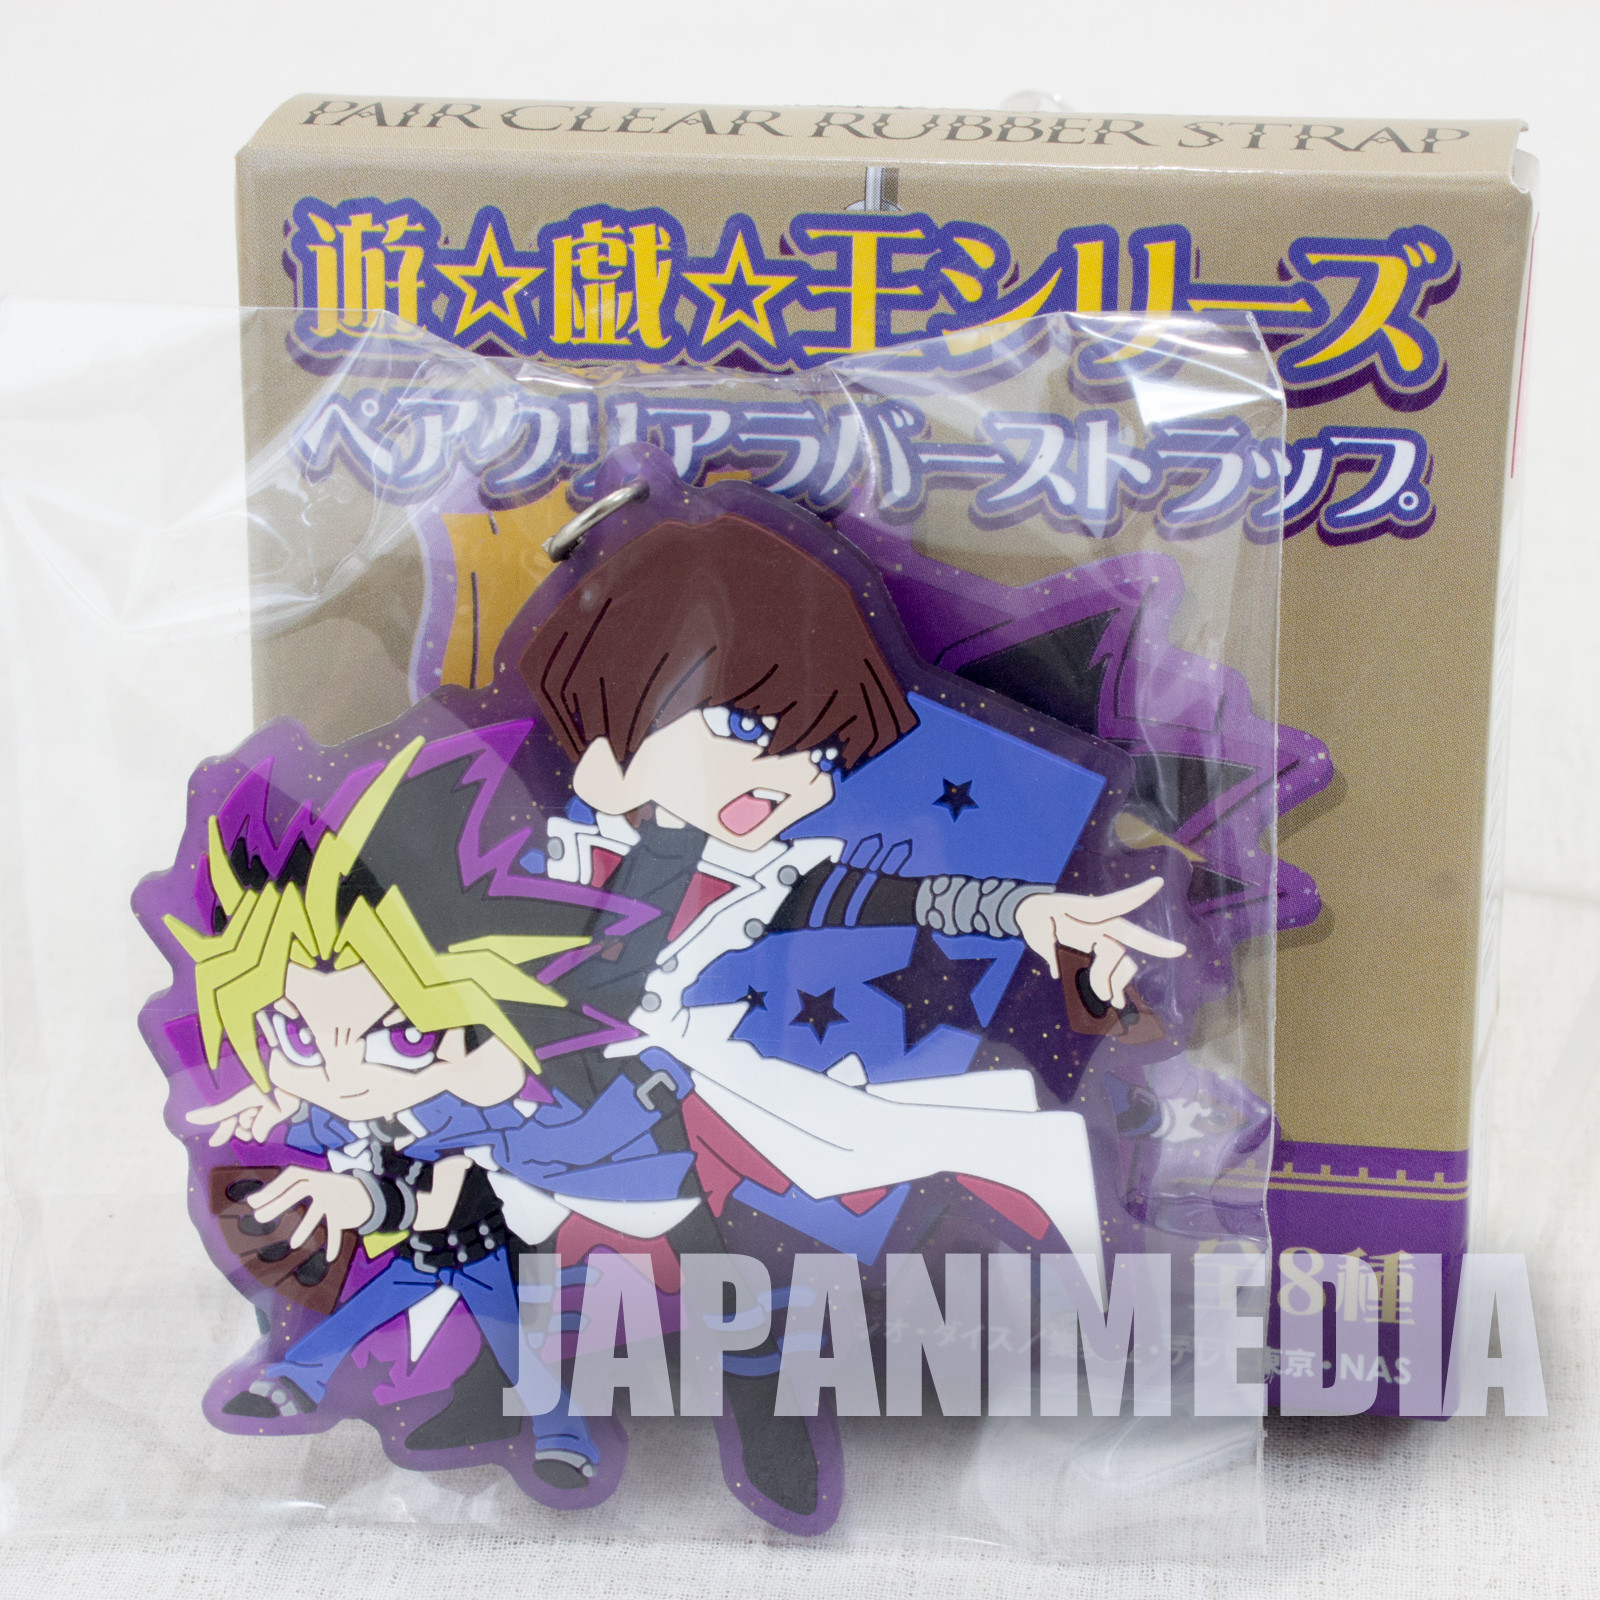 Yu-Gi-Oh! Yugi Muto (Dark Yugi) & Seto kaiba 20th Pair clear Rubber strap JAPAN ANIME MANGA